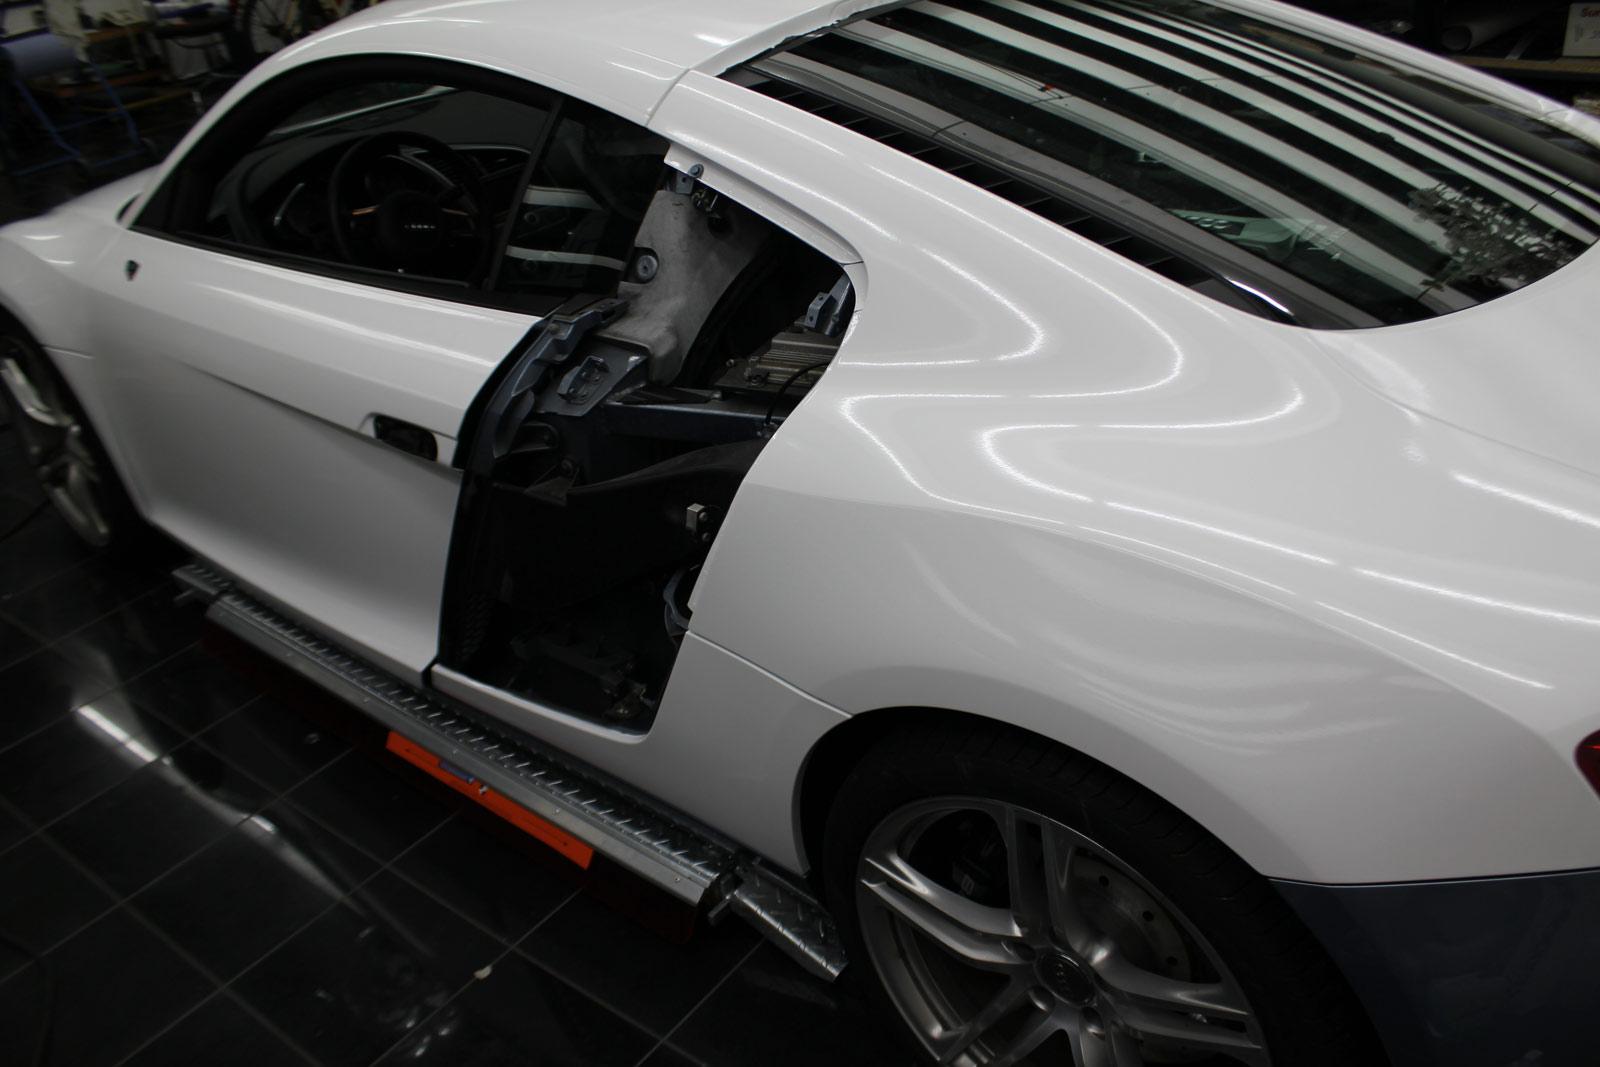 Audi_R8_Folierung_Weiß_Glanz_Union_Jack_Flagge_07